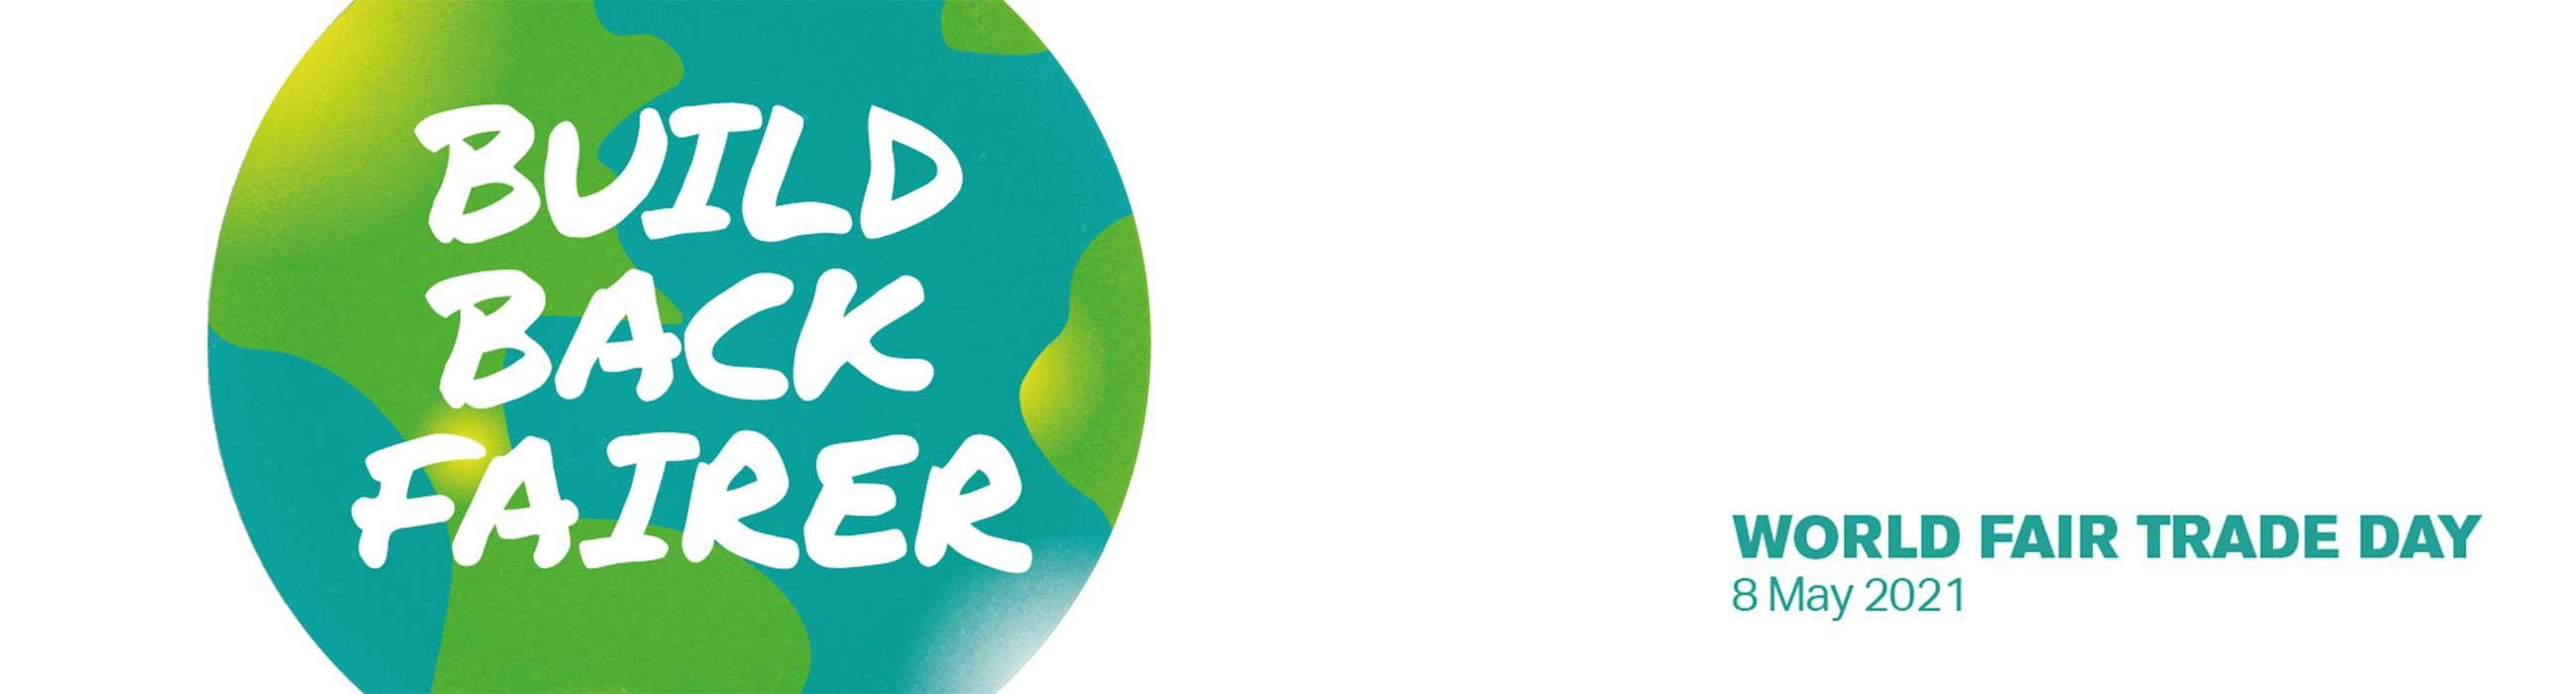 World Fair Trade Day 2021, Fair Trade Day 2021, Fair Trade celebration, WFTD, WFTDay, WFTD2021, WFTDay2021, Fair Trade Day, World Fairtrade Day 2021, Fairtrade Day 2021, World Fairtrade day, Fairtrade Day, Fair Trade Events, Fair Trade Activities,